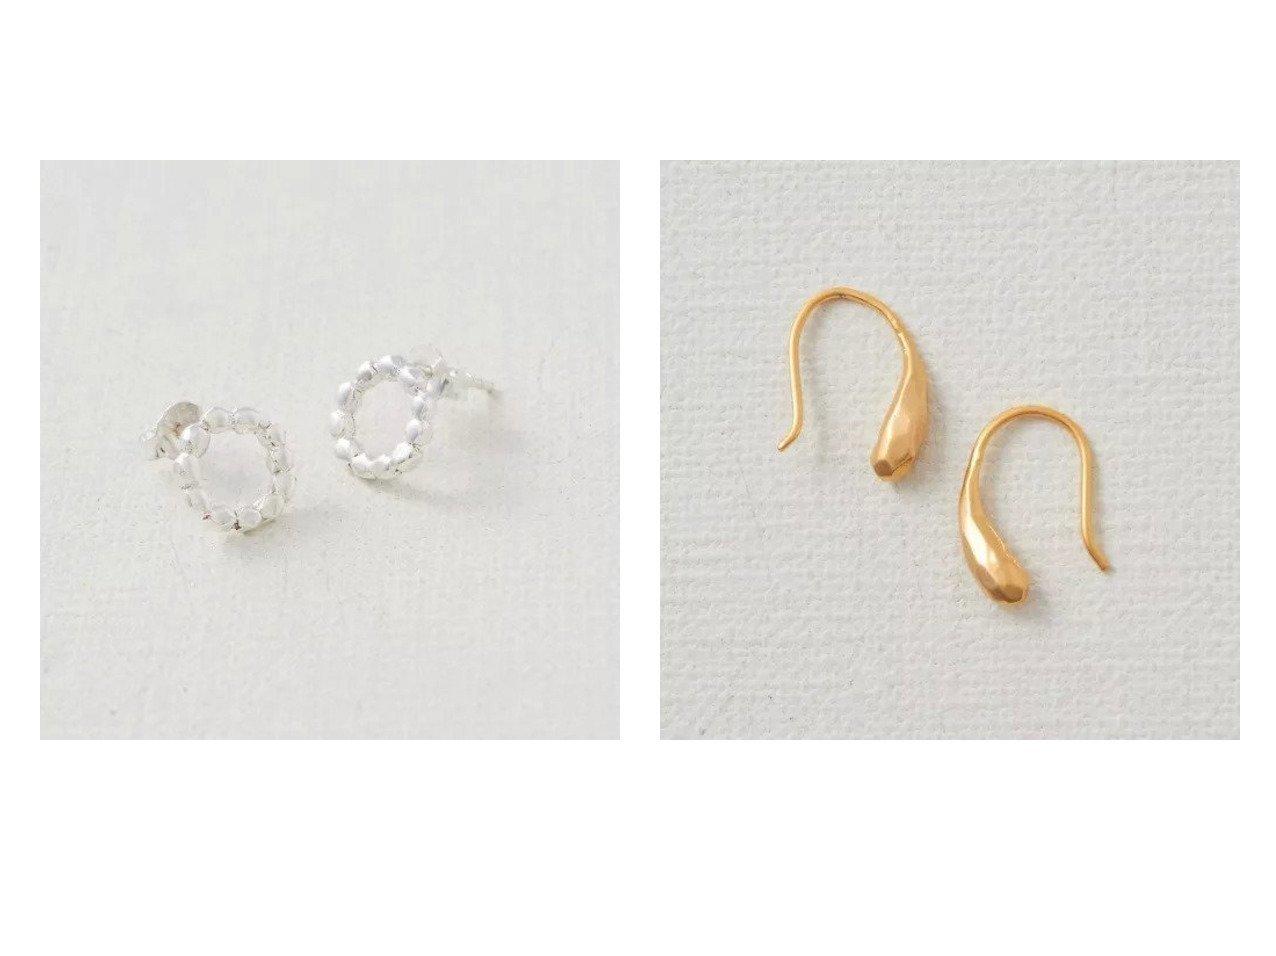 【collex/コレックス】の【ピッシェアンス】Grainy ring Pierce(sil&【ピッシェアンス】Wave drop Pierce(gold) おすすめ!人気、トレンド・レディースファッションの通販  おすすめで人気の流行・トレンド、ファッションの通販商品 メンズファッション・キッズファッション・インテリア・家具・レディースファッション・服の通販 founy(ファニー) https://founy.com/ ファッション Fashion レディースファッション WOMEN ジュエリー Jewelry リング Rings アクセサリー シルバー スエード ポーチ |ID:crp329100000014611